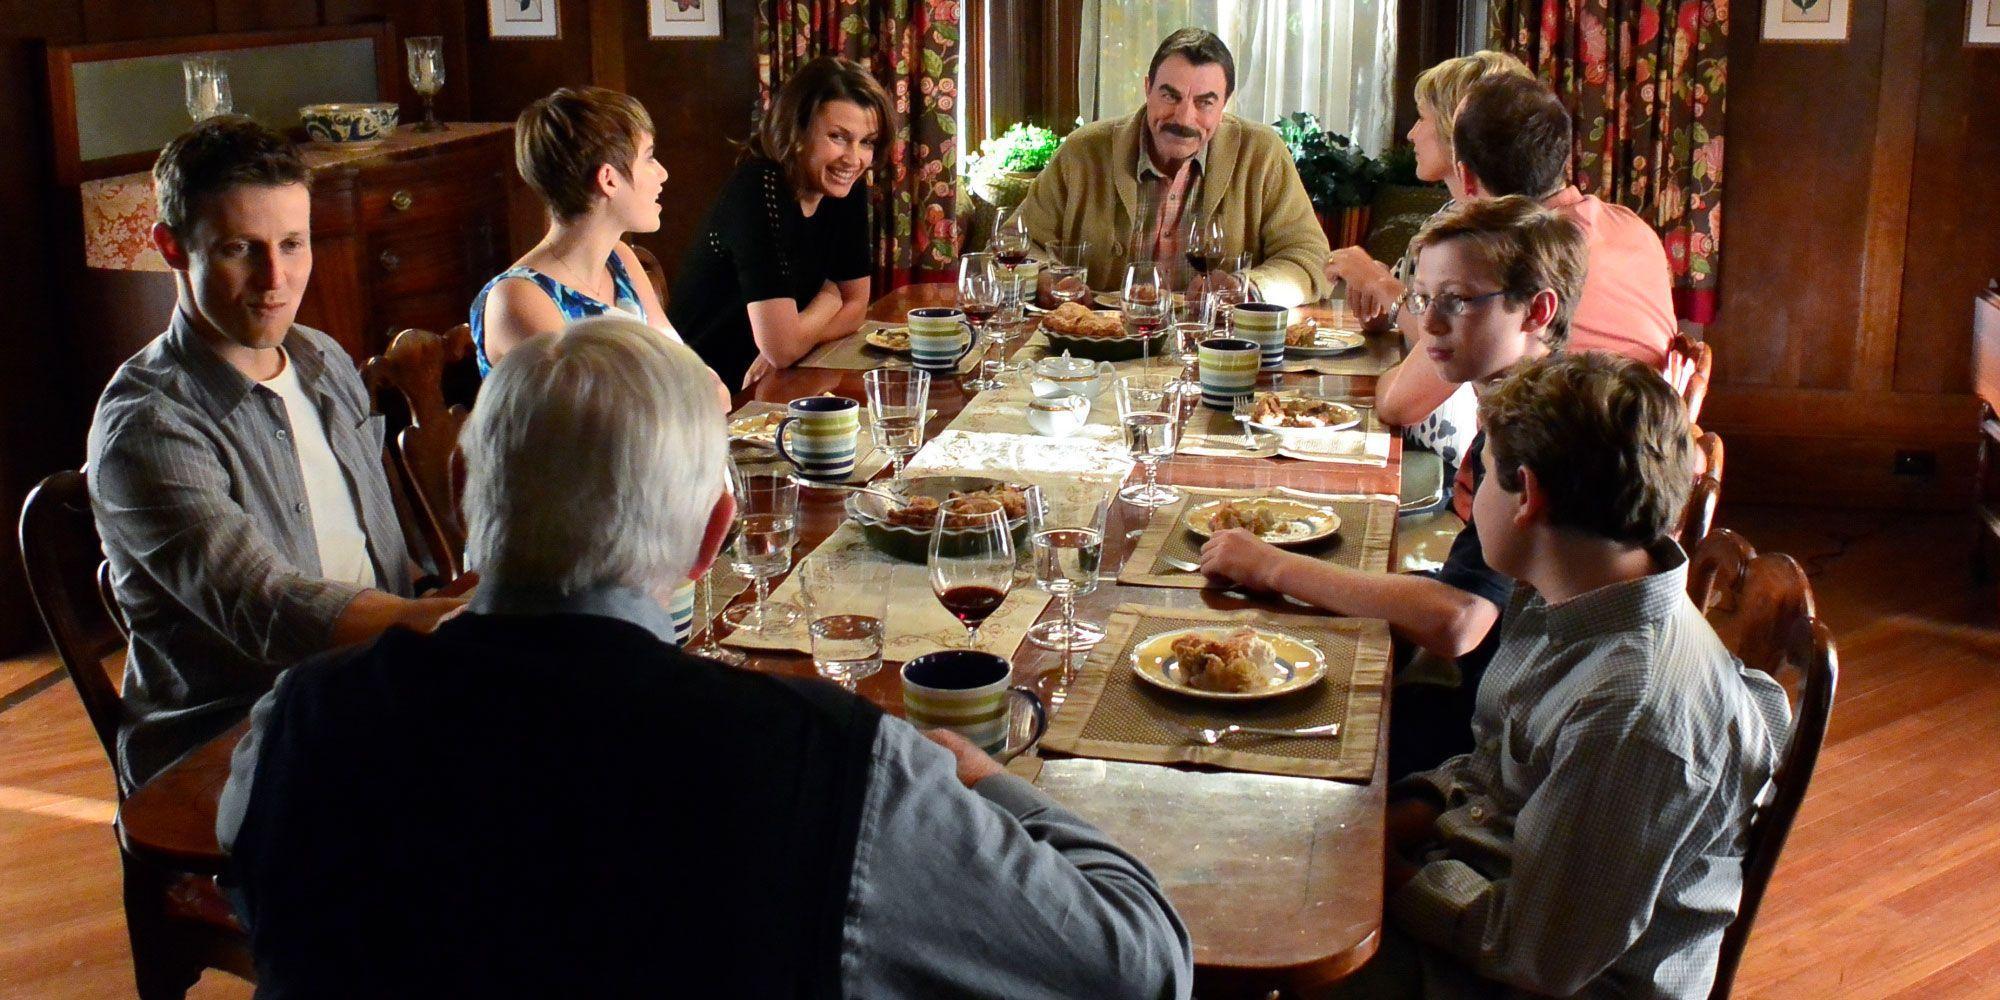 Blue Bloods' Star Bridget Moynahan on the Reagan Family Dinner Scene